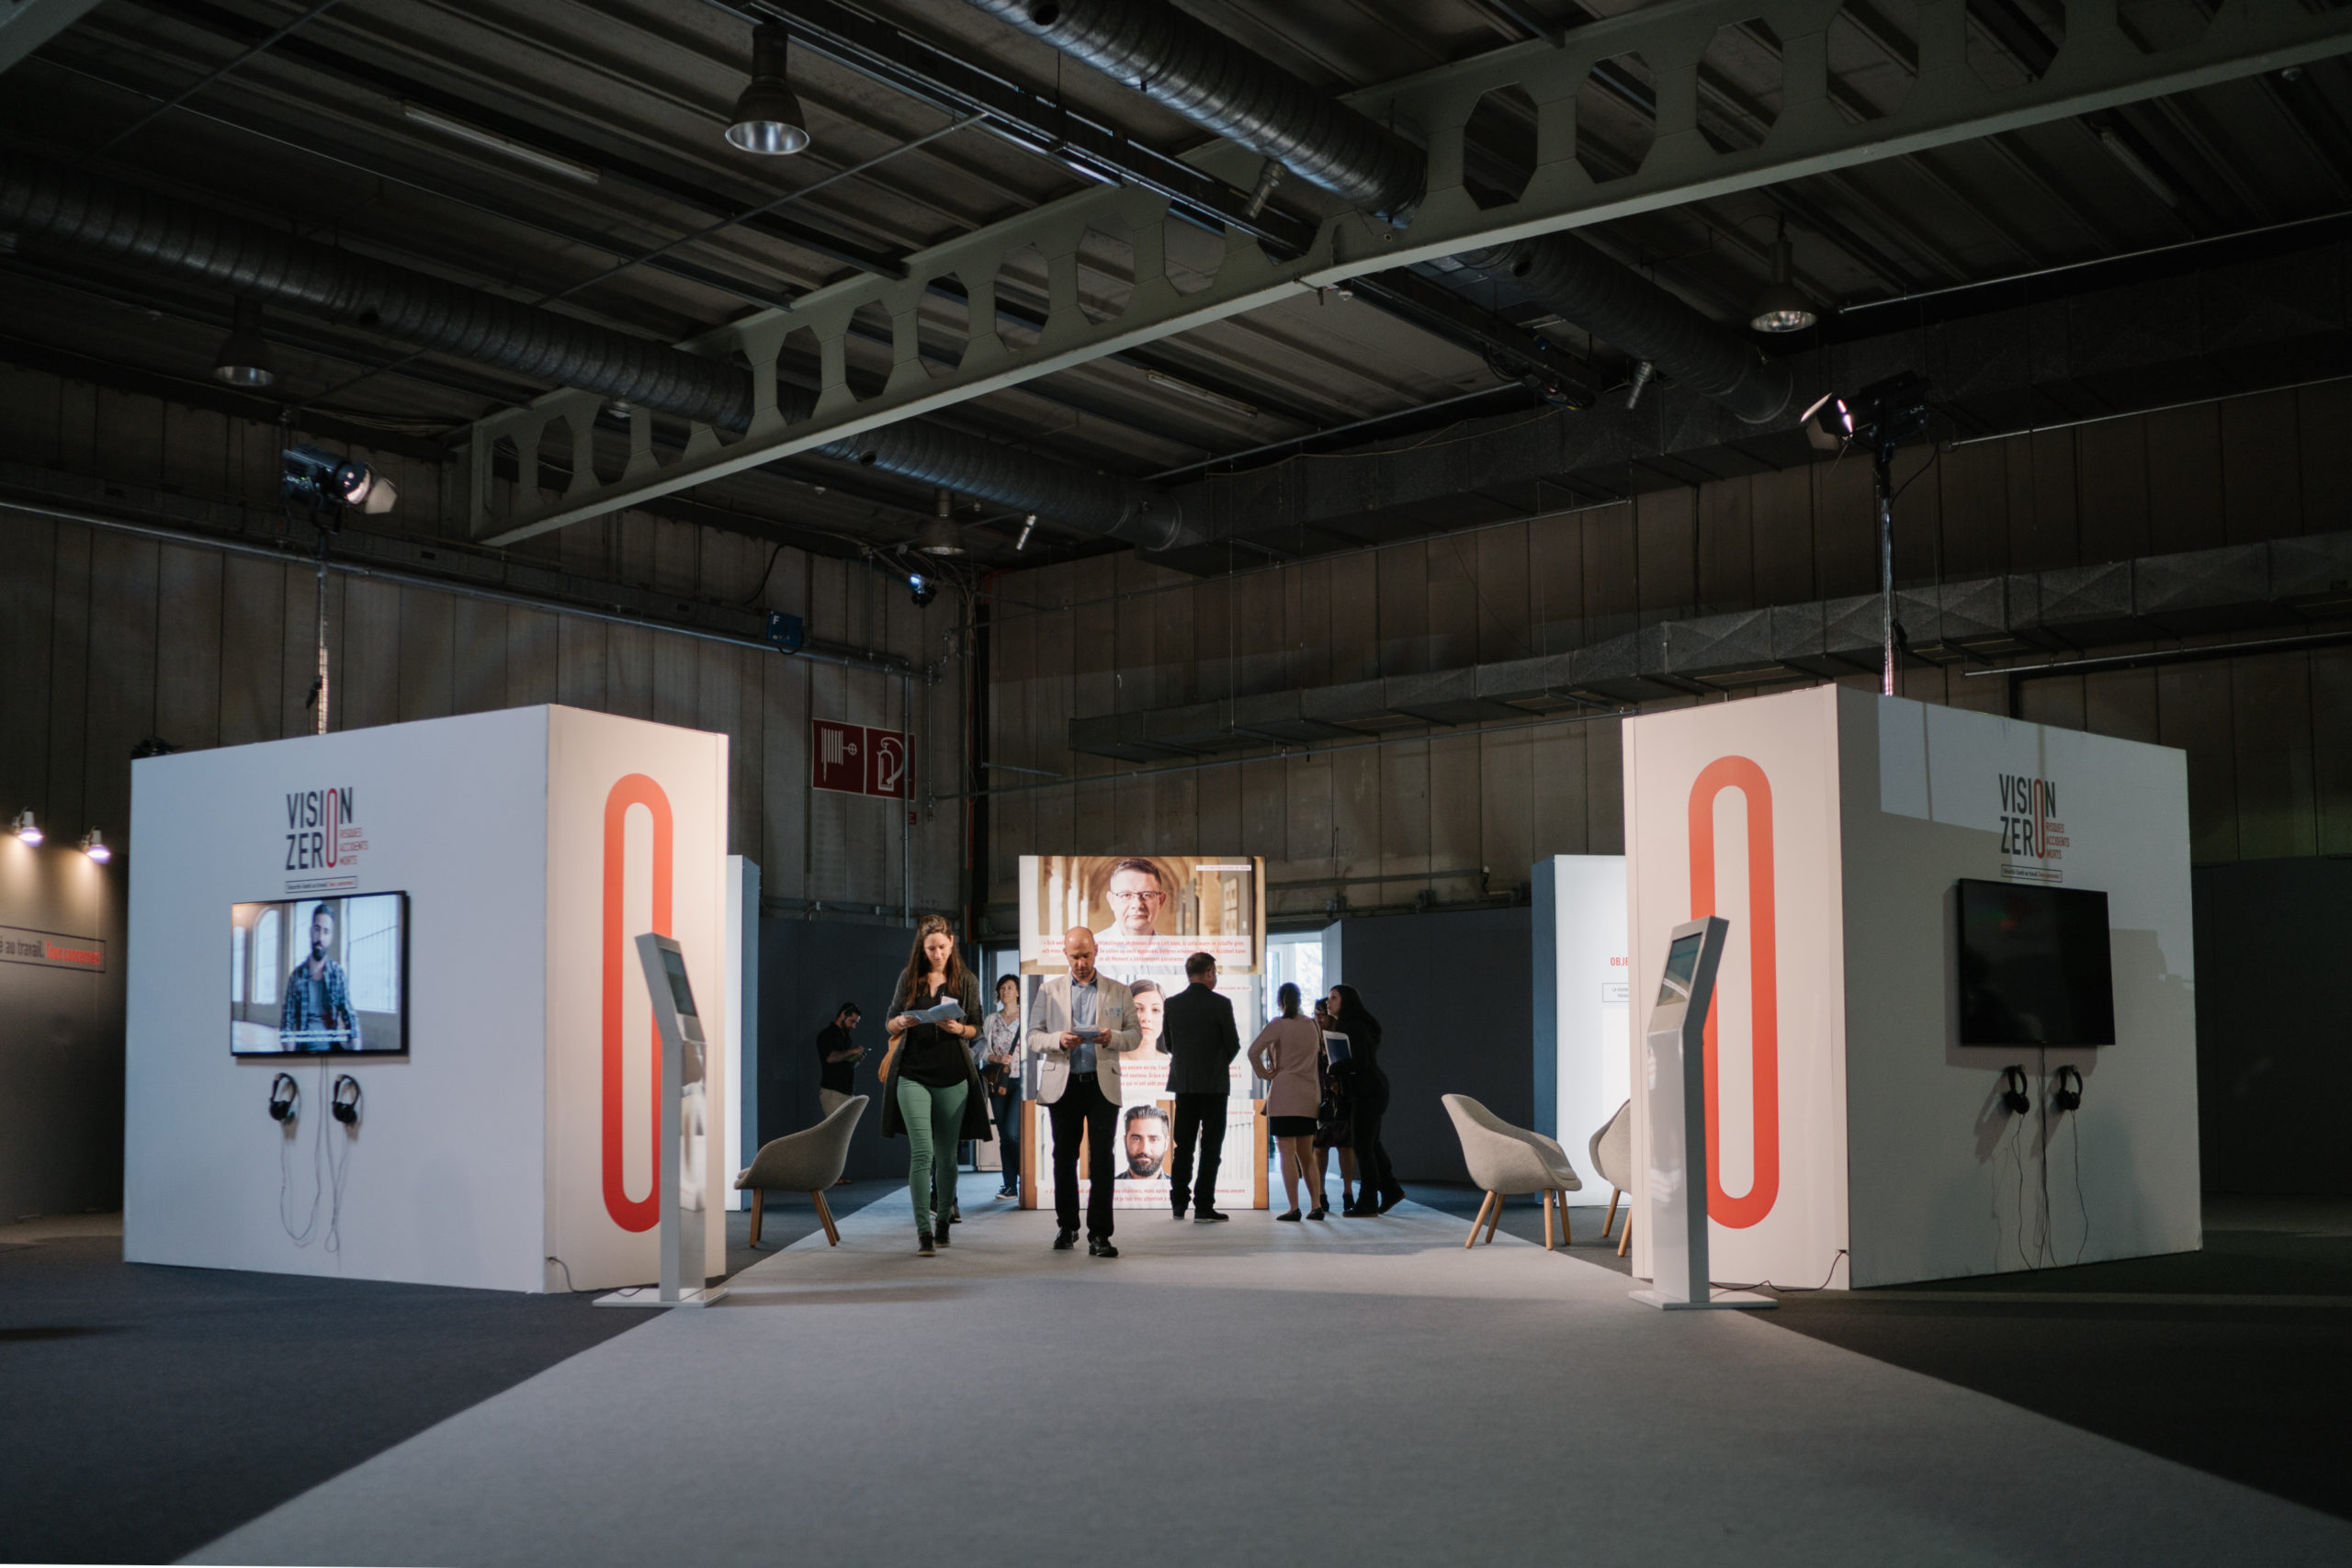 Shine a light agence évènementielle luxembourg - créateur d'expériences immersives - Forum sécurité Santé au Travail